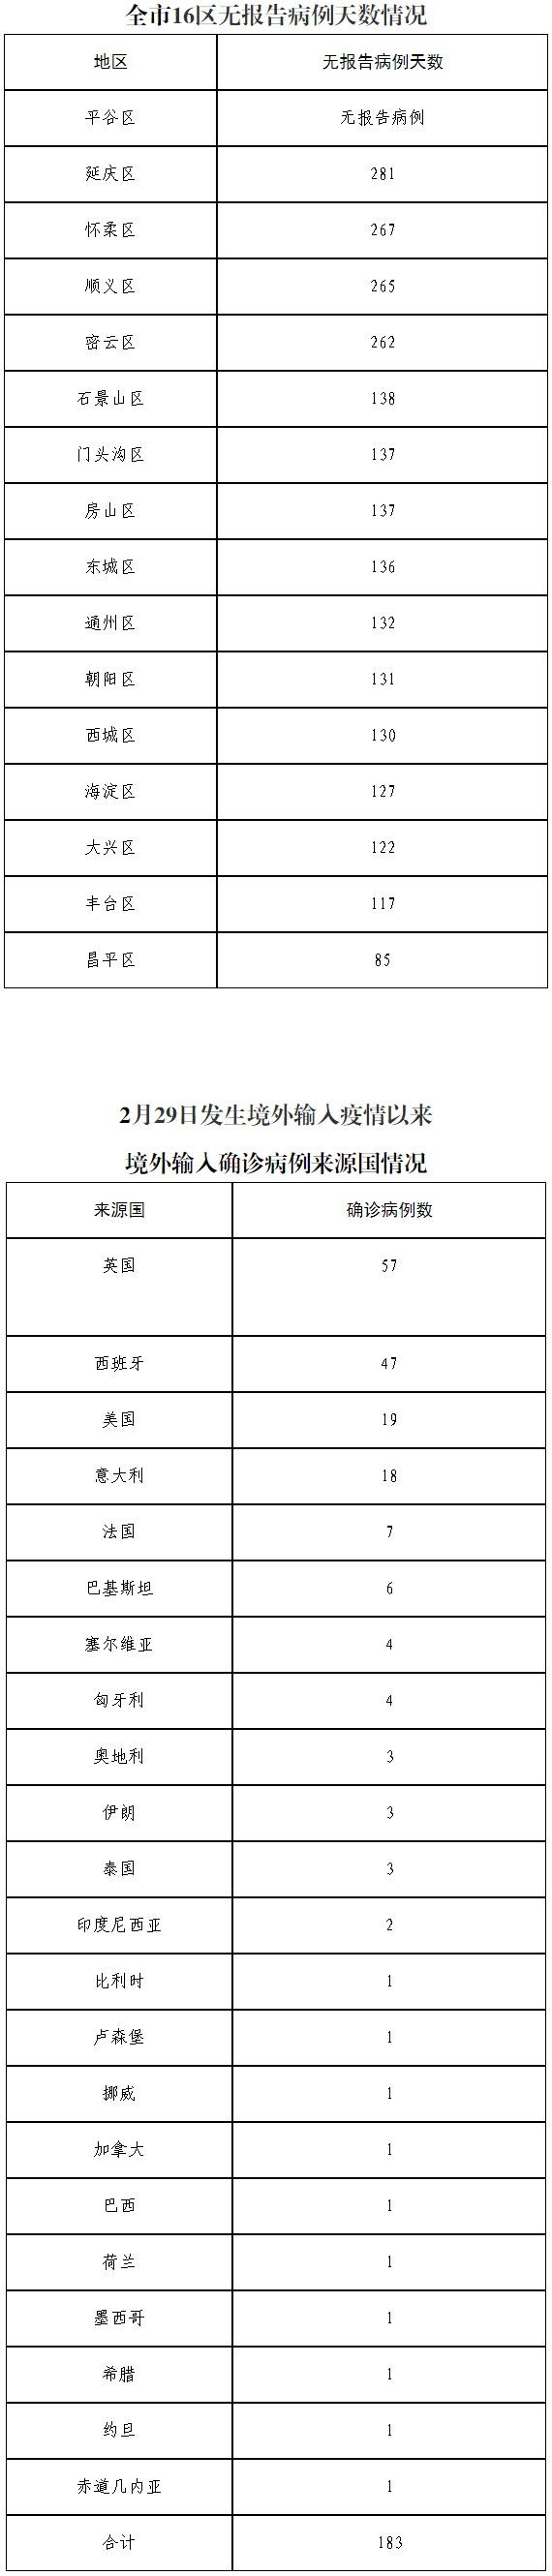 北京10月30日无新增报告新冠肺炎确诊病例图片